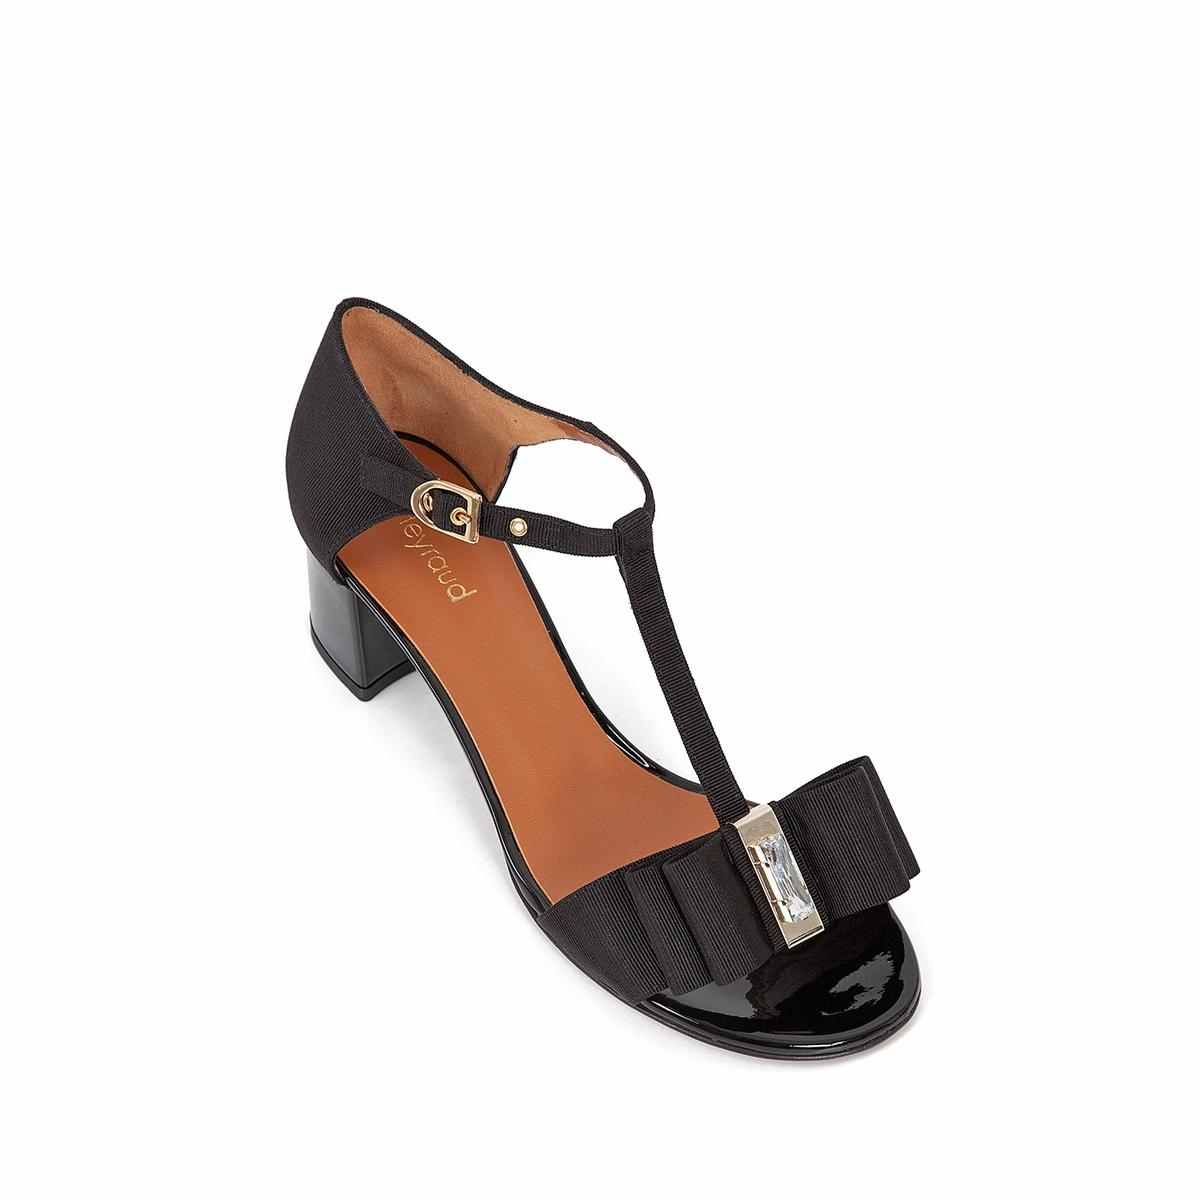 Босоножки кожаные EnaelВерх : кожа   Подкладка : кожа   Стелька : кожа   Подошва : кожа   Высота каблука : 5 см   Форма каблука : квадратный каблук   Мысок : закругленный мысок   Застежка : ремешок<br><br>Цвет: черный<br>Размер: 36.40